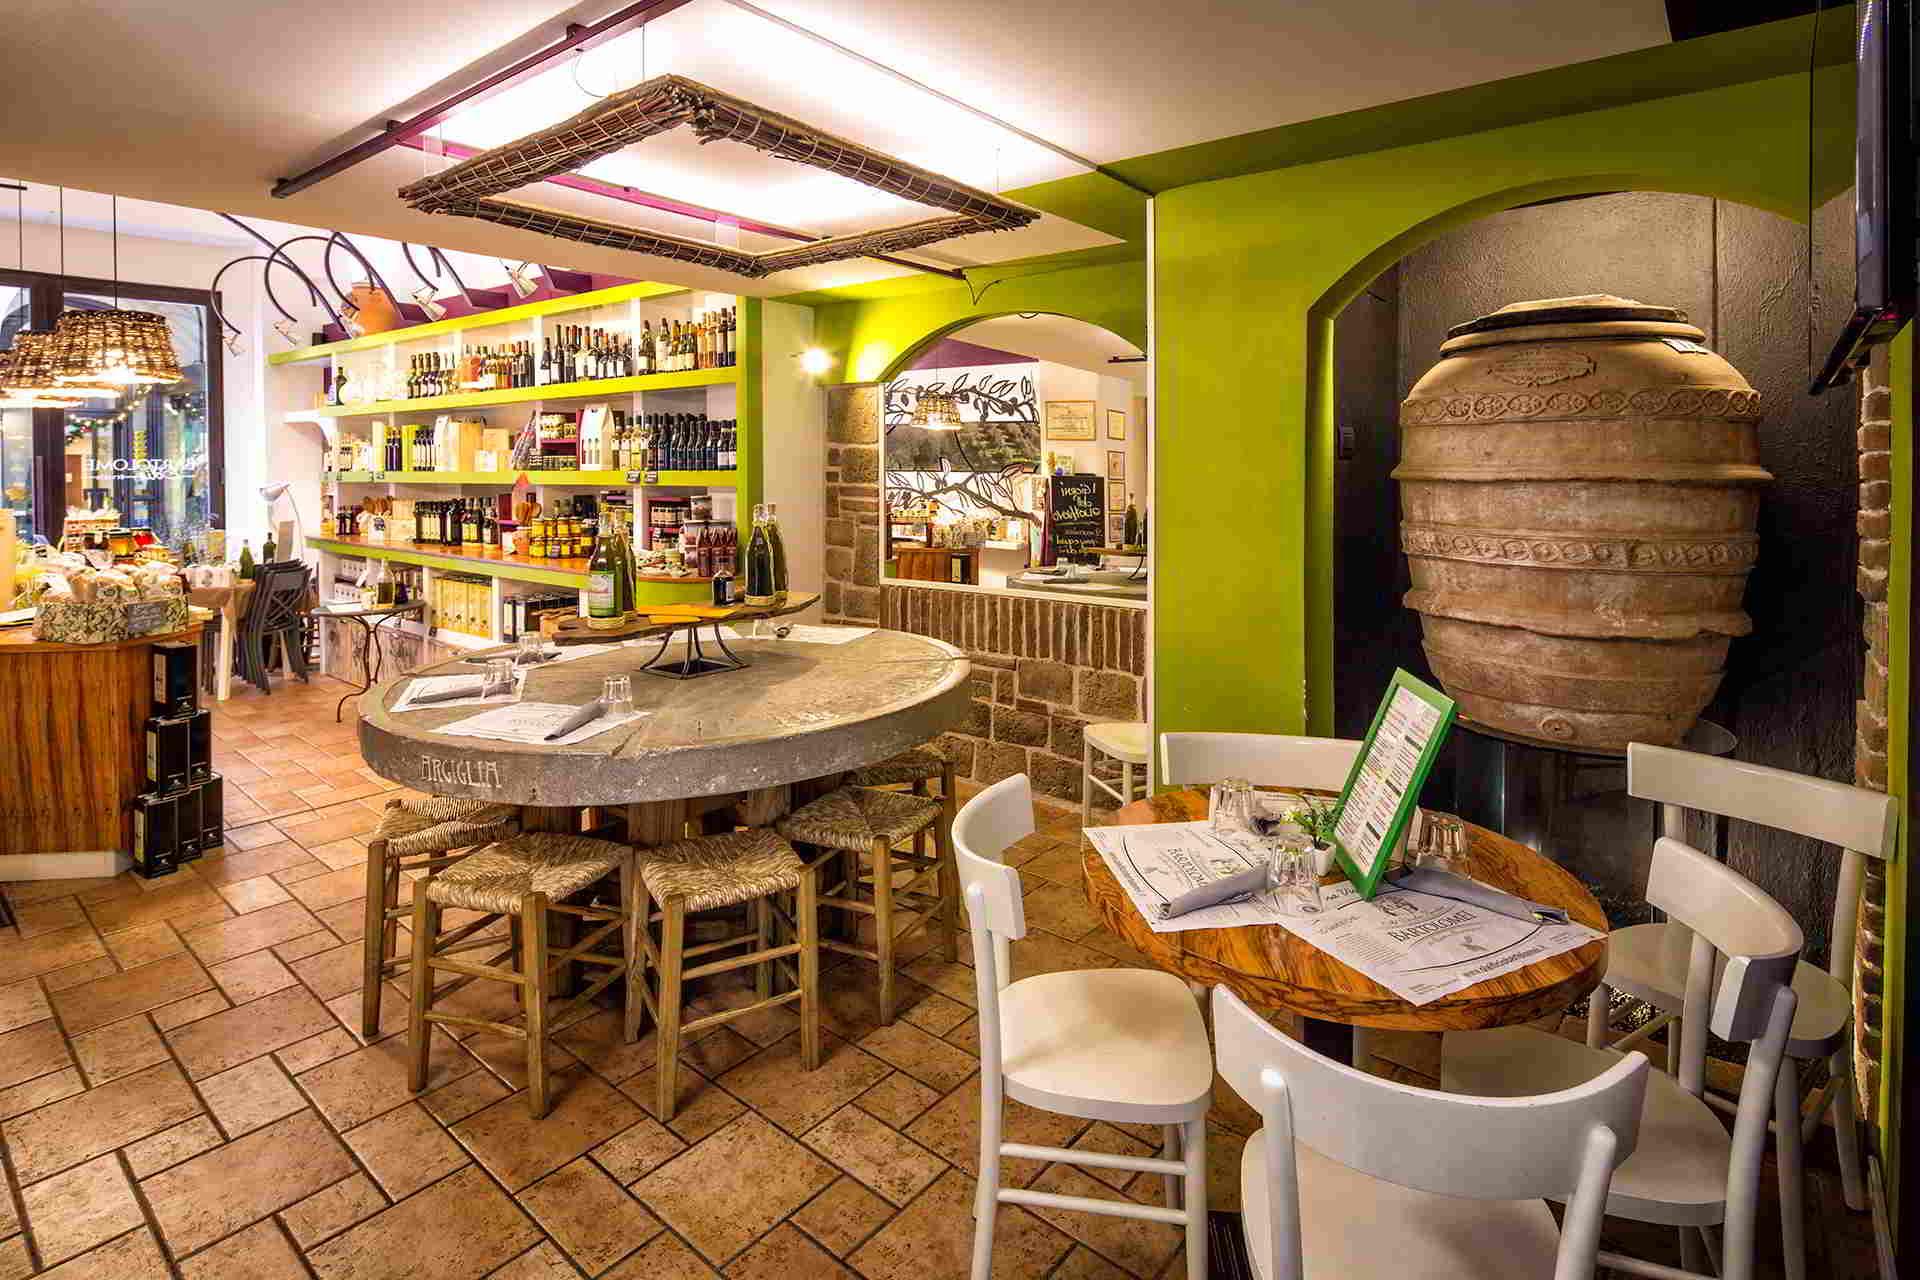 oleoteca ristorante orvieto